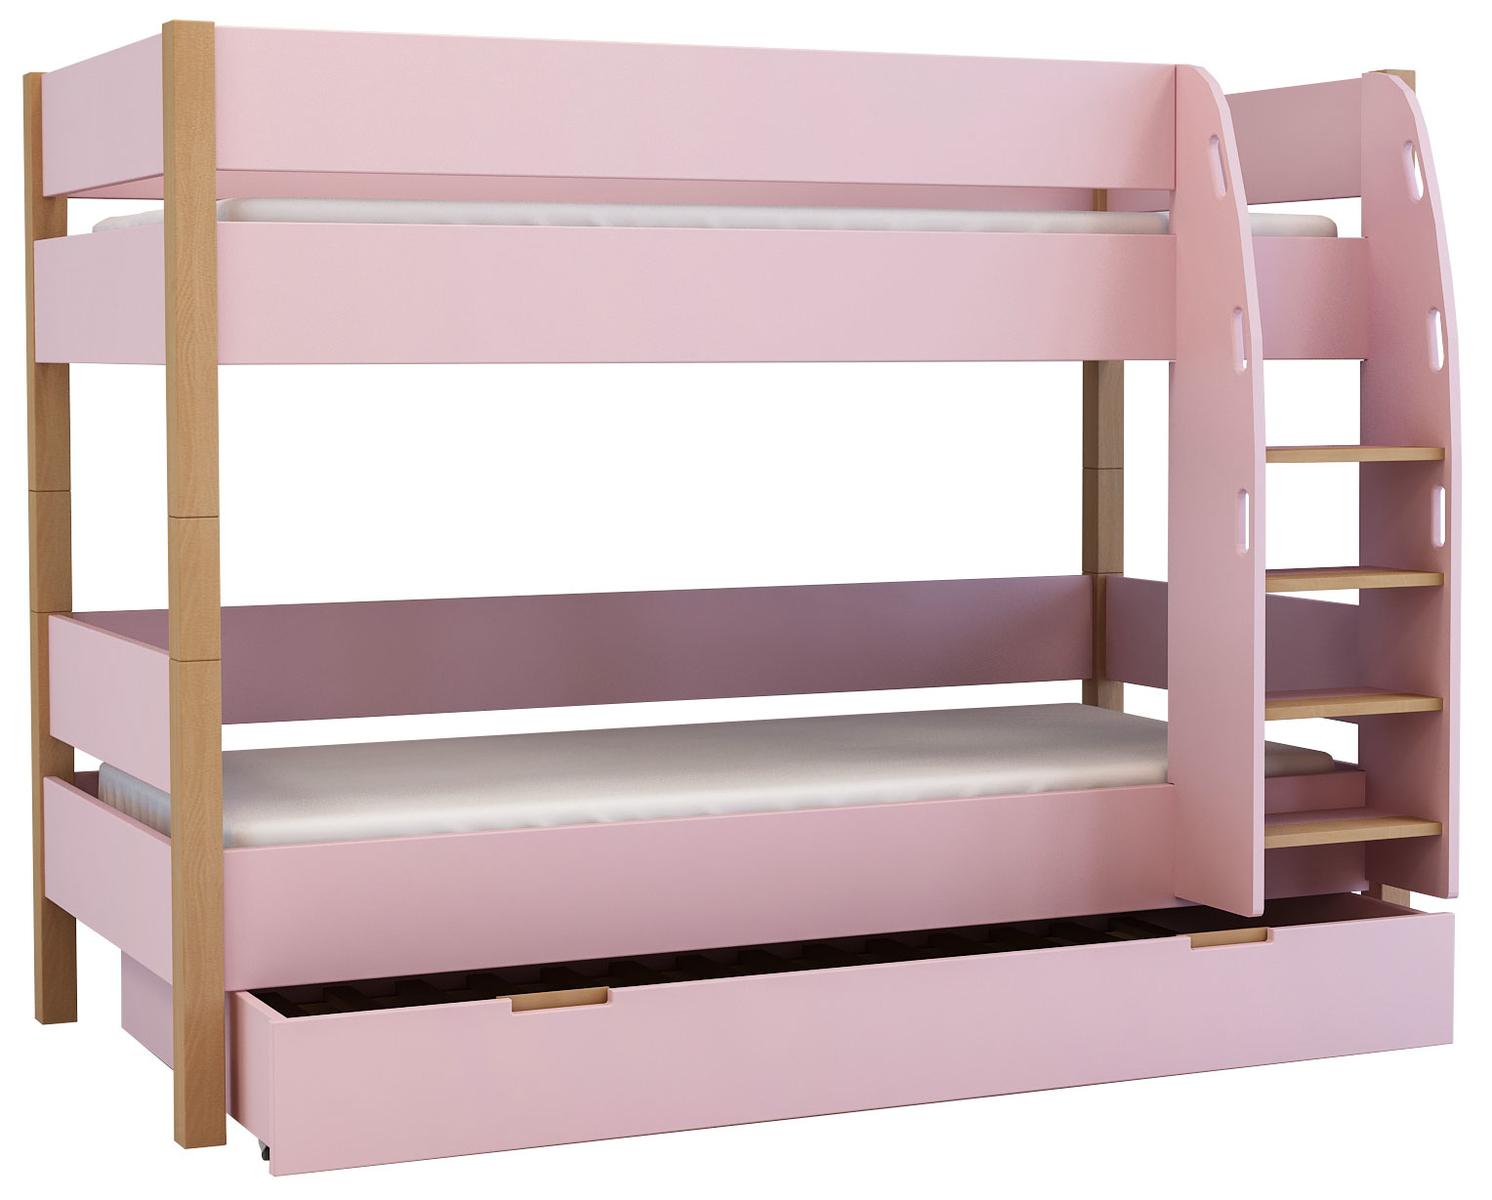 etagenbett mit g stebett f r kinder und jugendliche. Black Bedroom Furniture Sets. Home Design Ideas